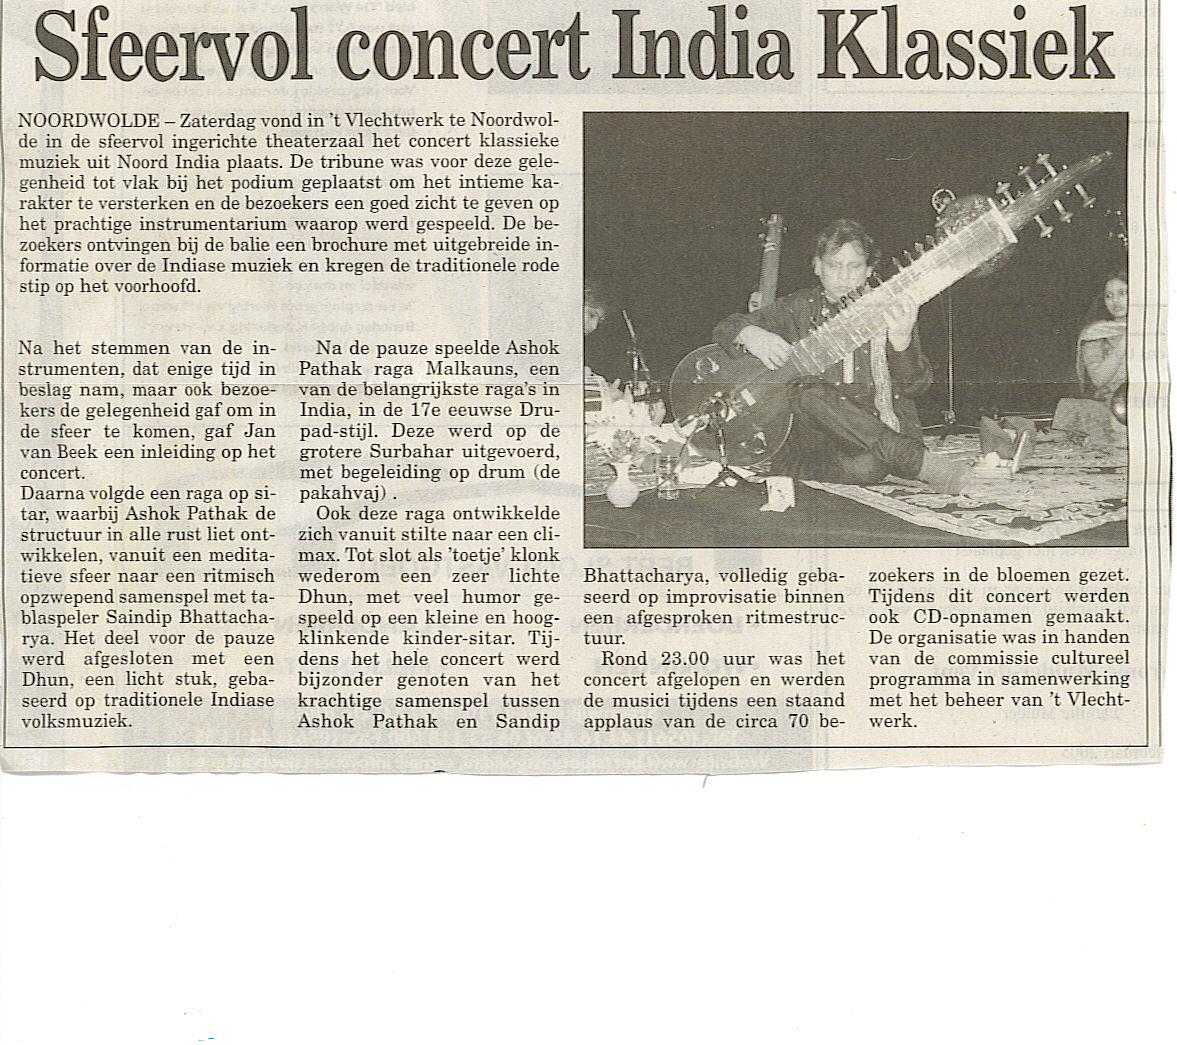 recensie artikel concert india klassiek noordwolde  ashok pathak raga indiase volksmuziek